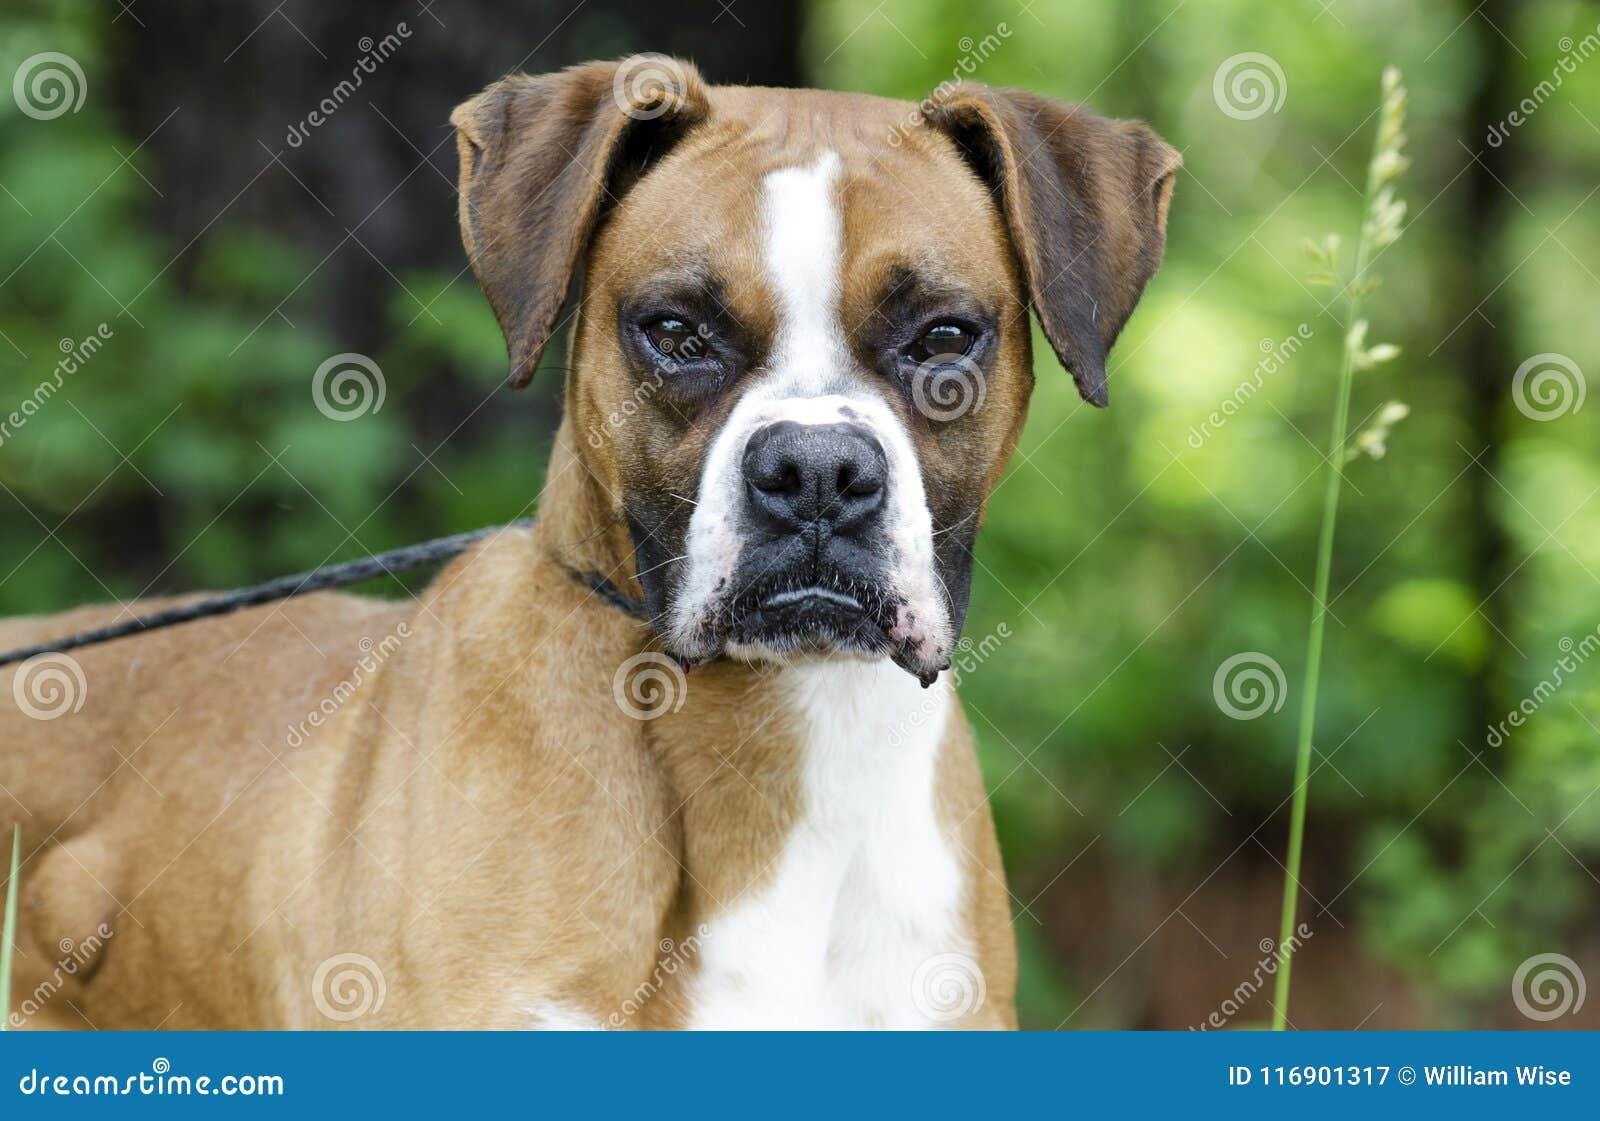 Boxer Dog, Pet Adoption Photography Stock Image - Image of